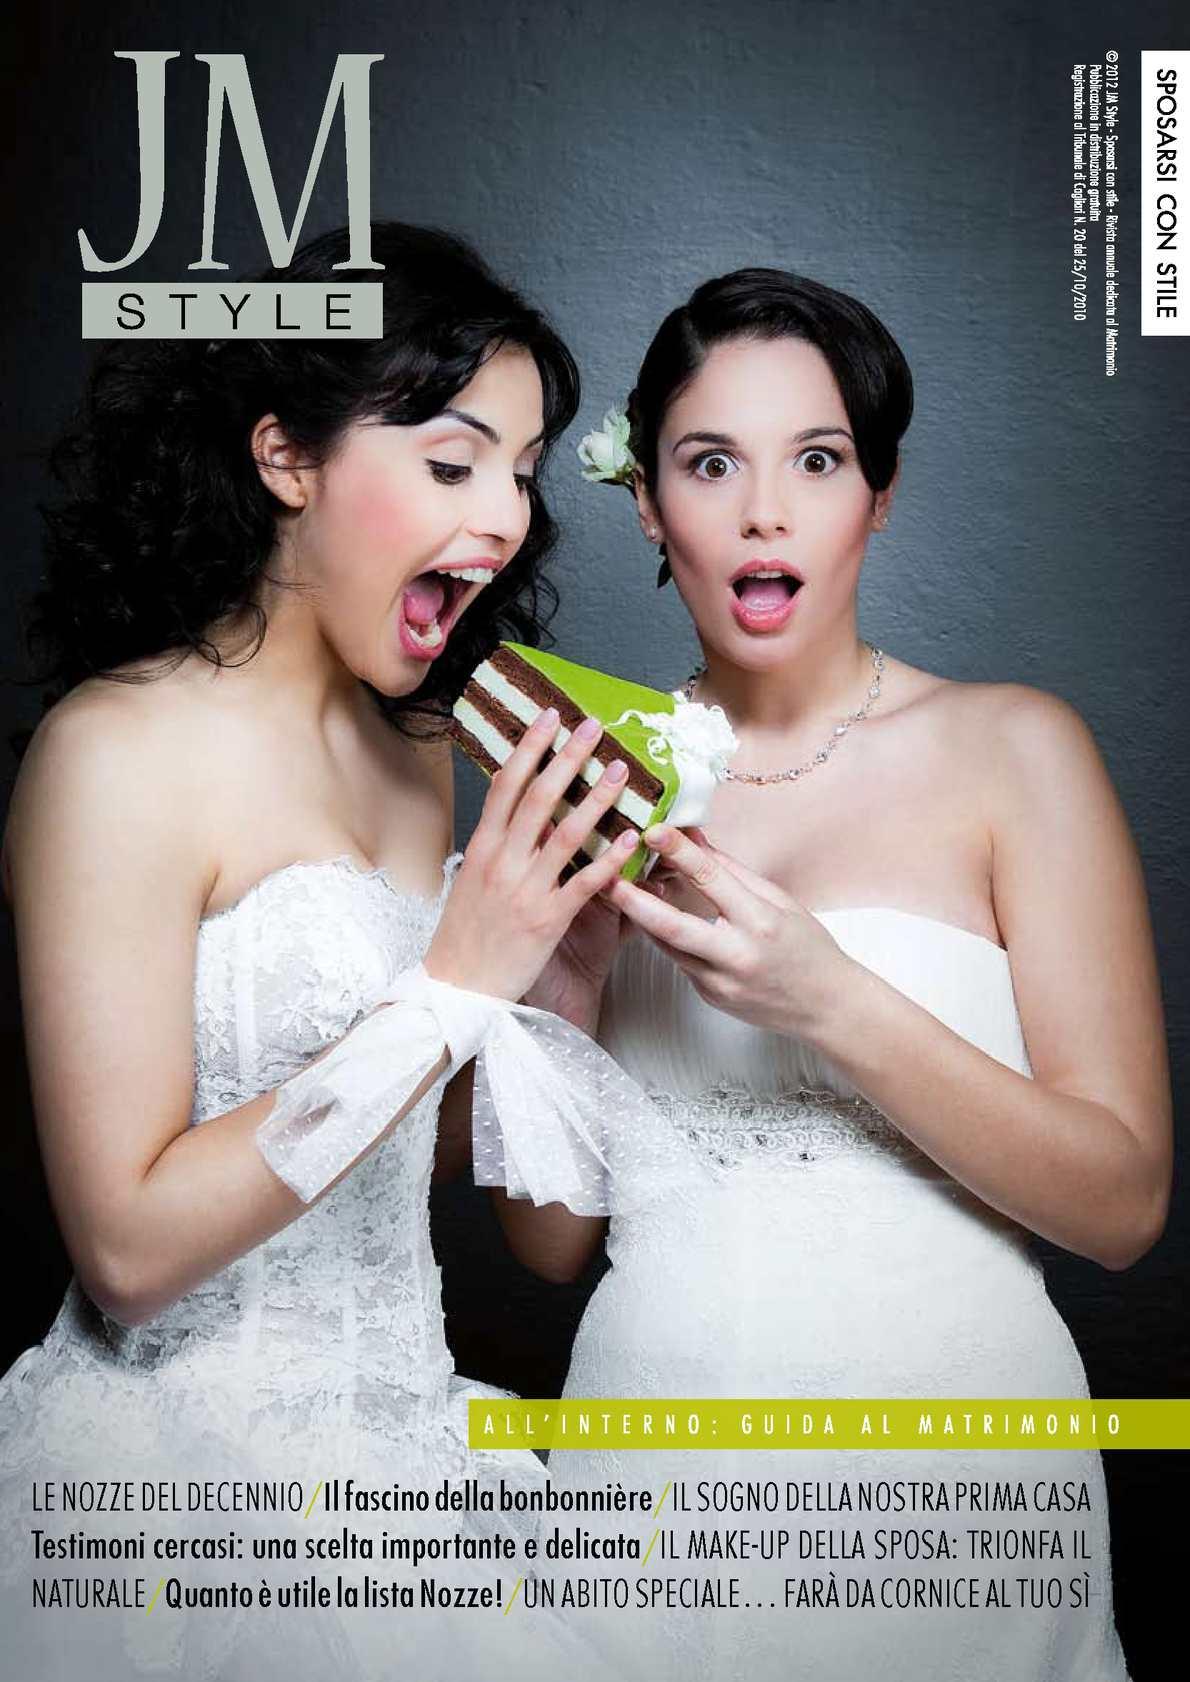 f72933468335 Calaméo - JM style 2012 la rivista del tuo matrimonio